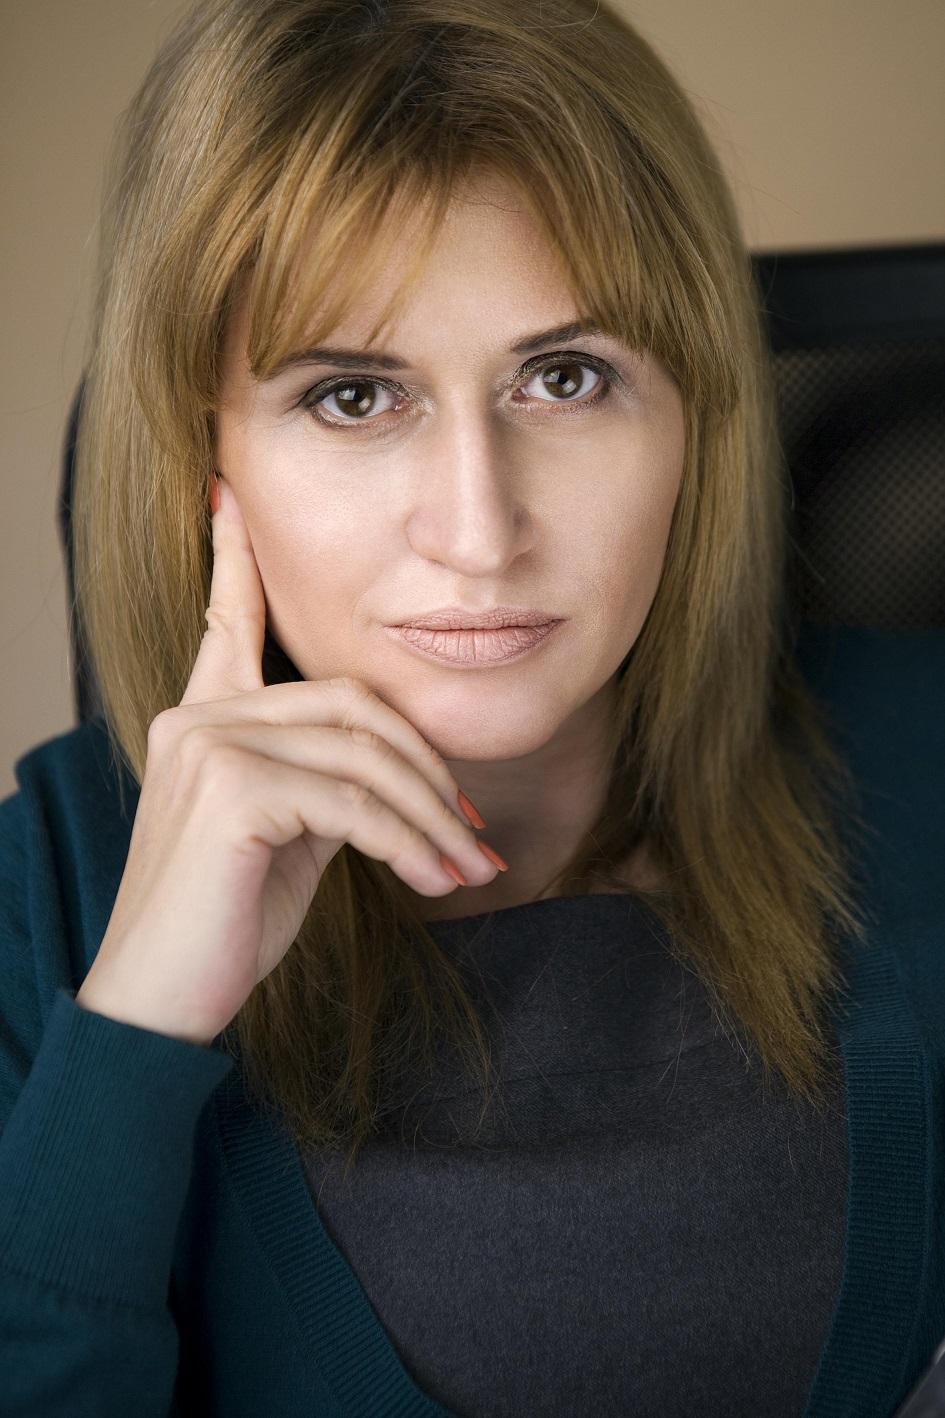 mihaela-mitroi_small